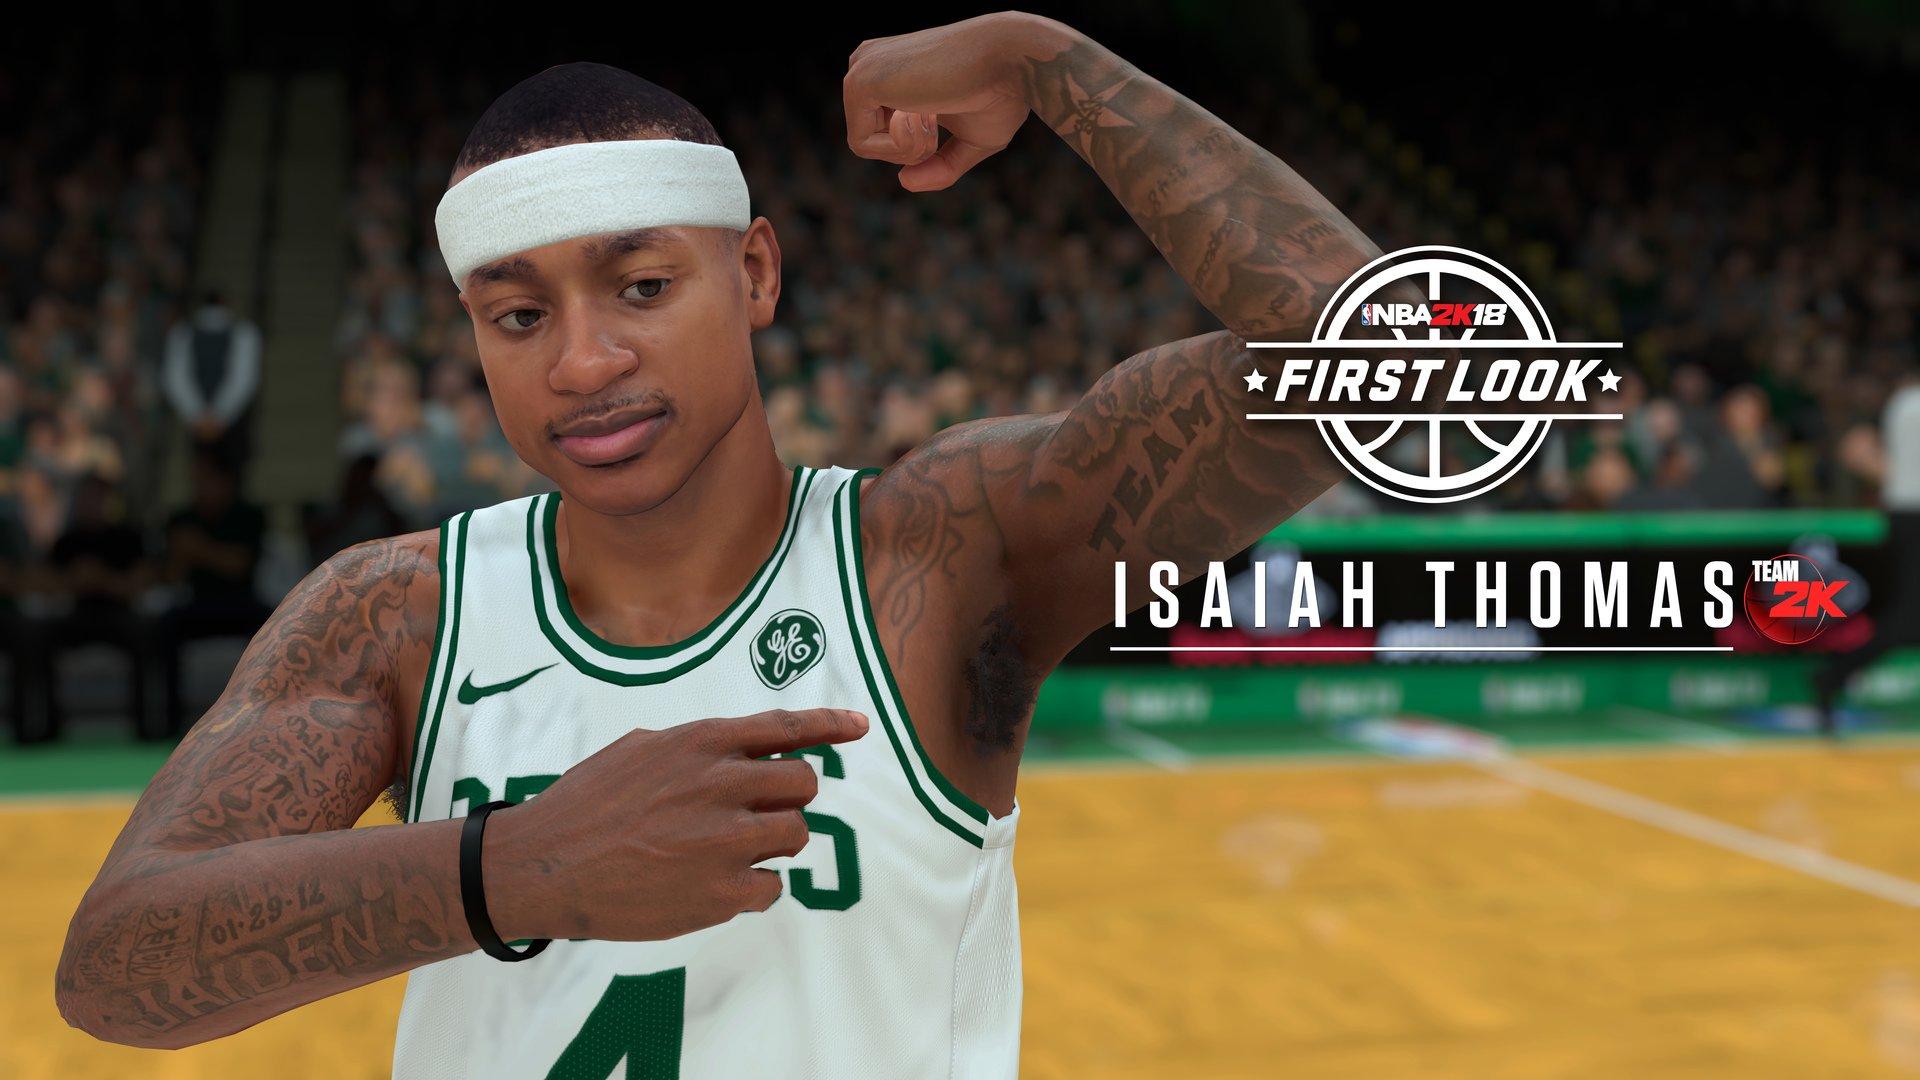 První screenshoty z NBA 2K18 147599